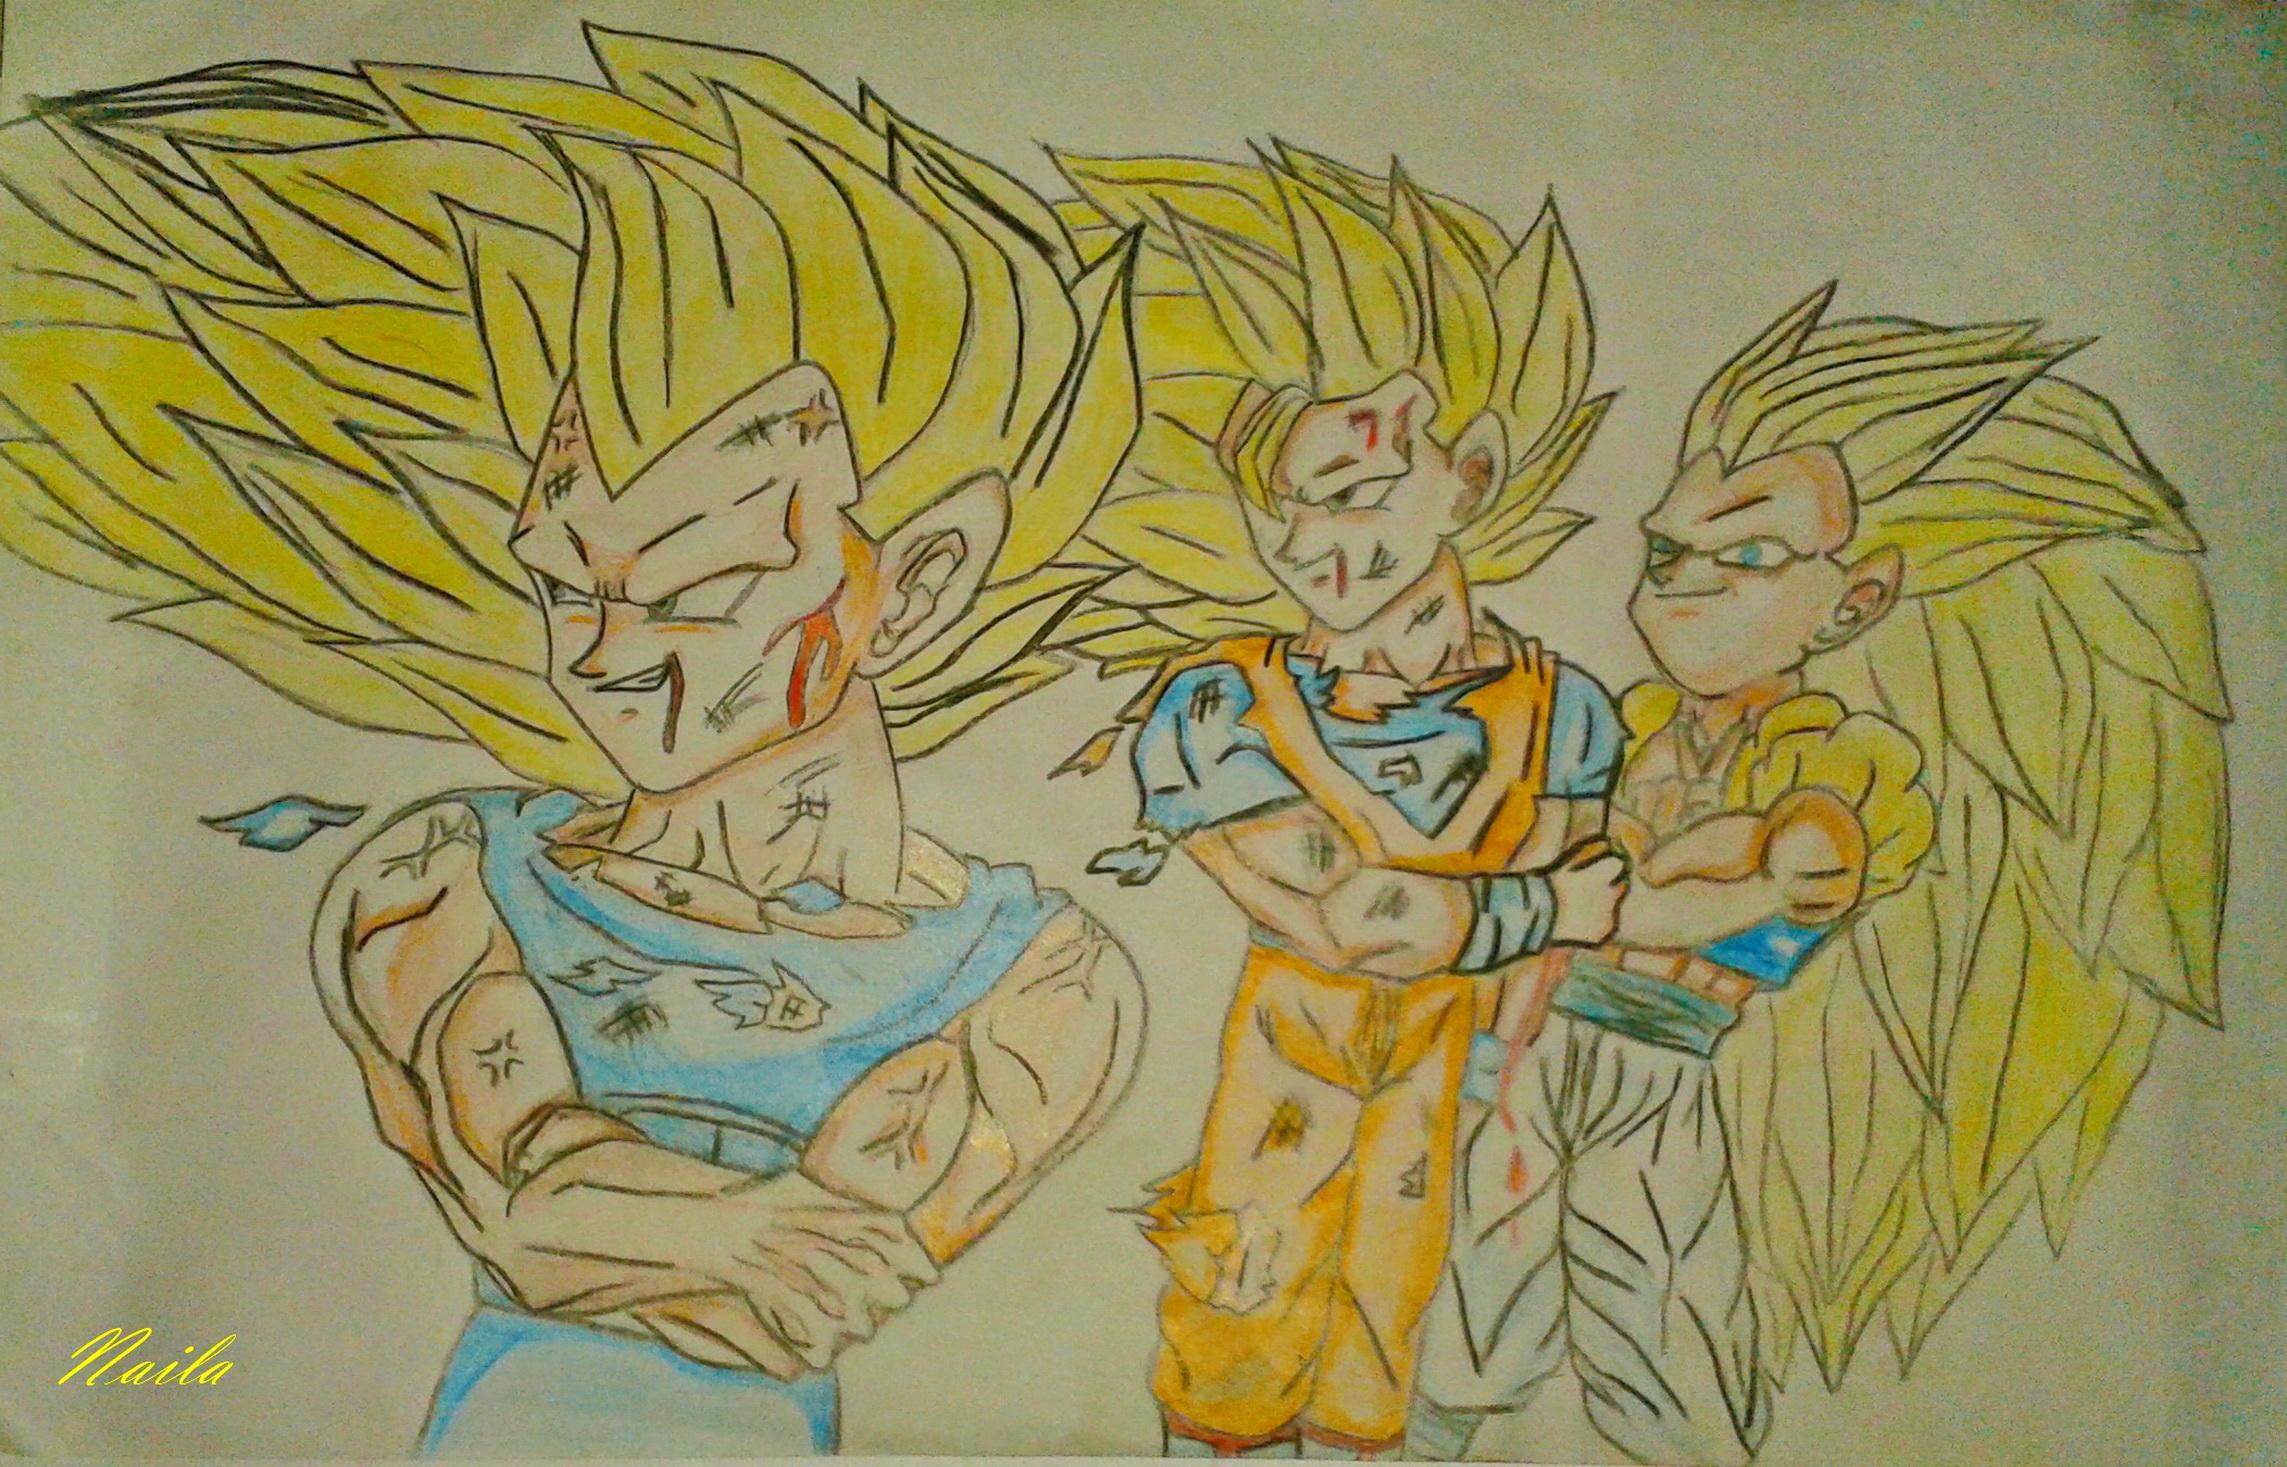 Collection Of Super Saiyan 3 Dragon Ball Z Fan Art 35128785